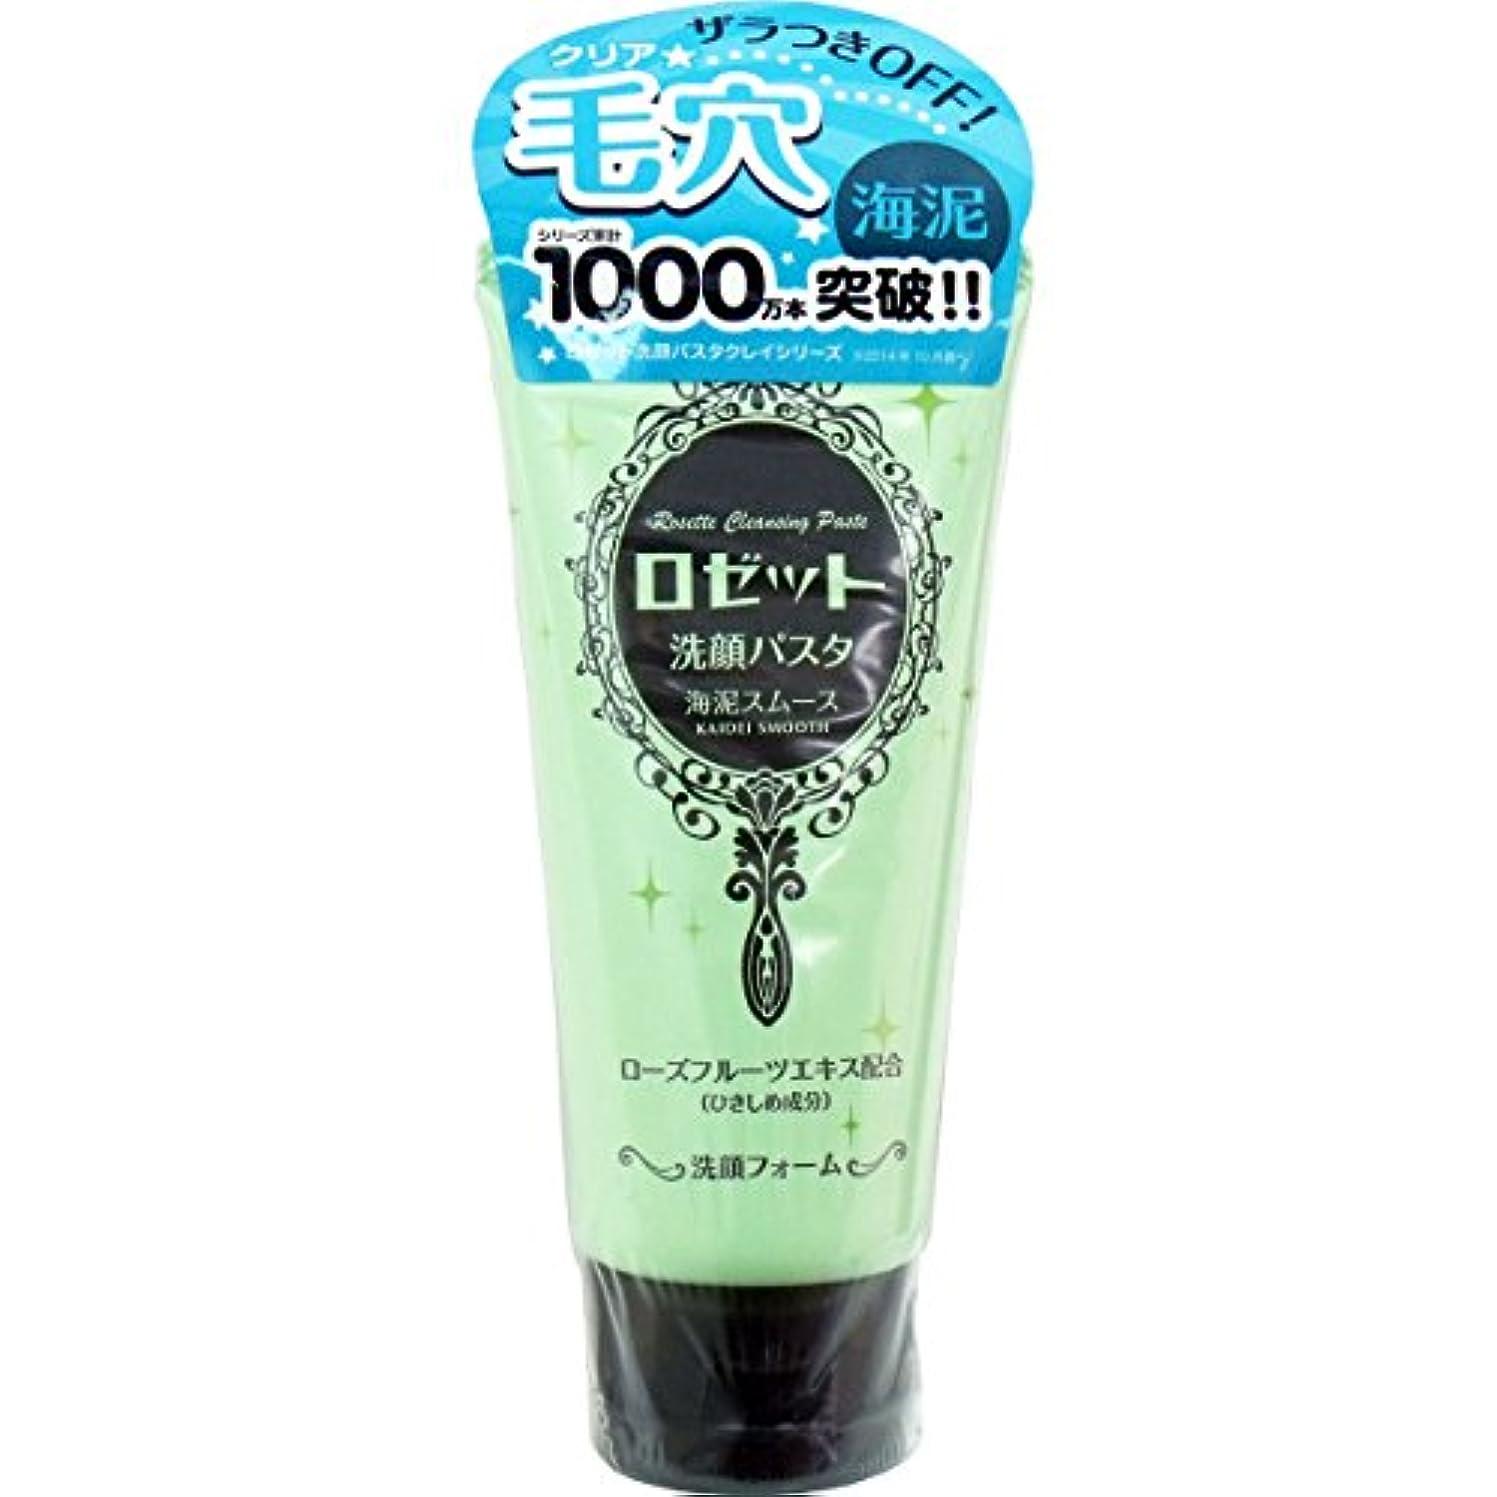 インゲン馬鹿平方ロゼット 洗顔パスタ 海泥スムース 120g10個セット